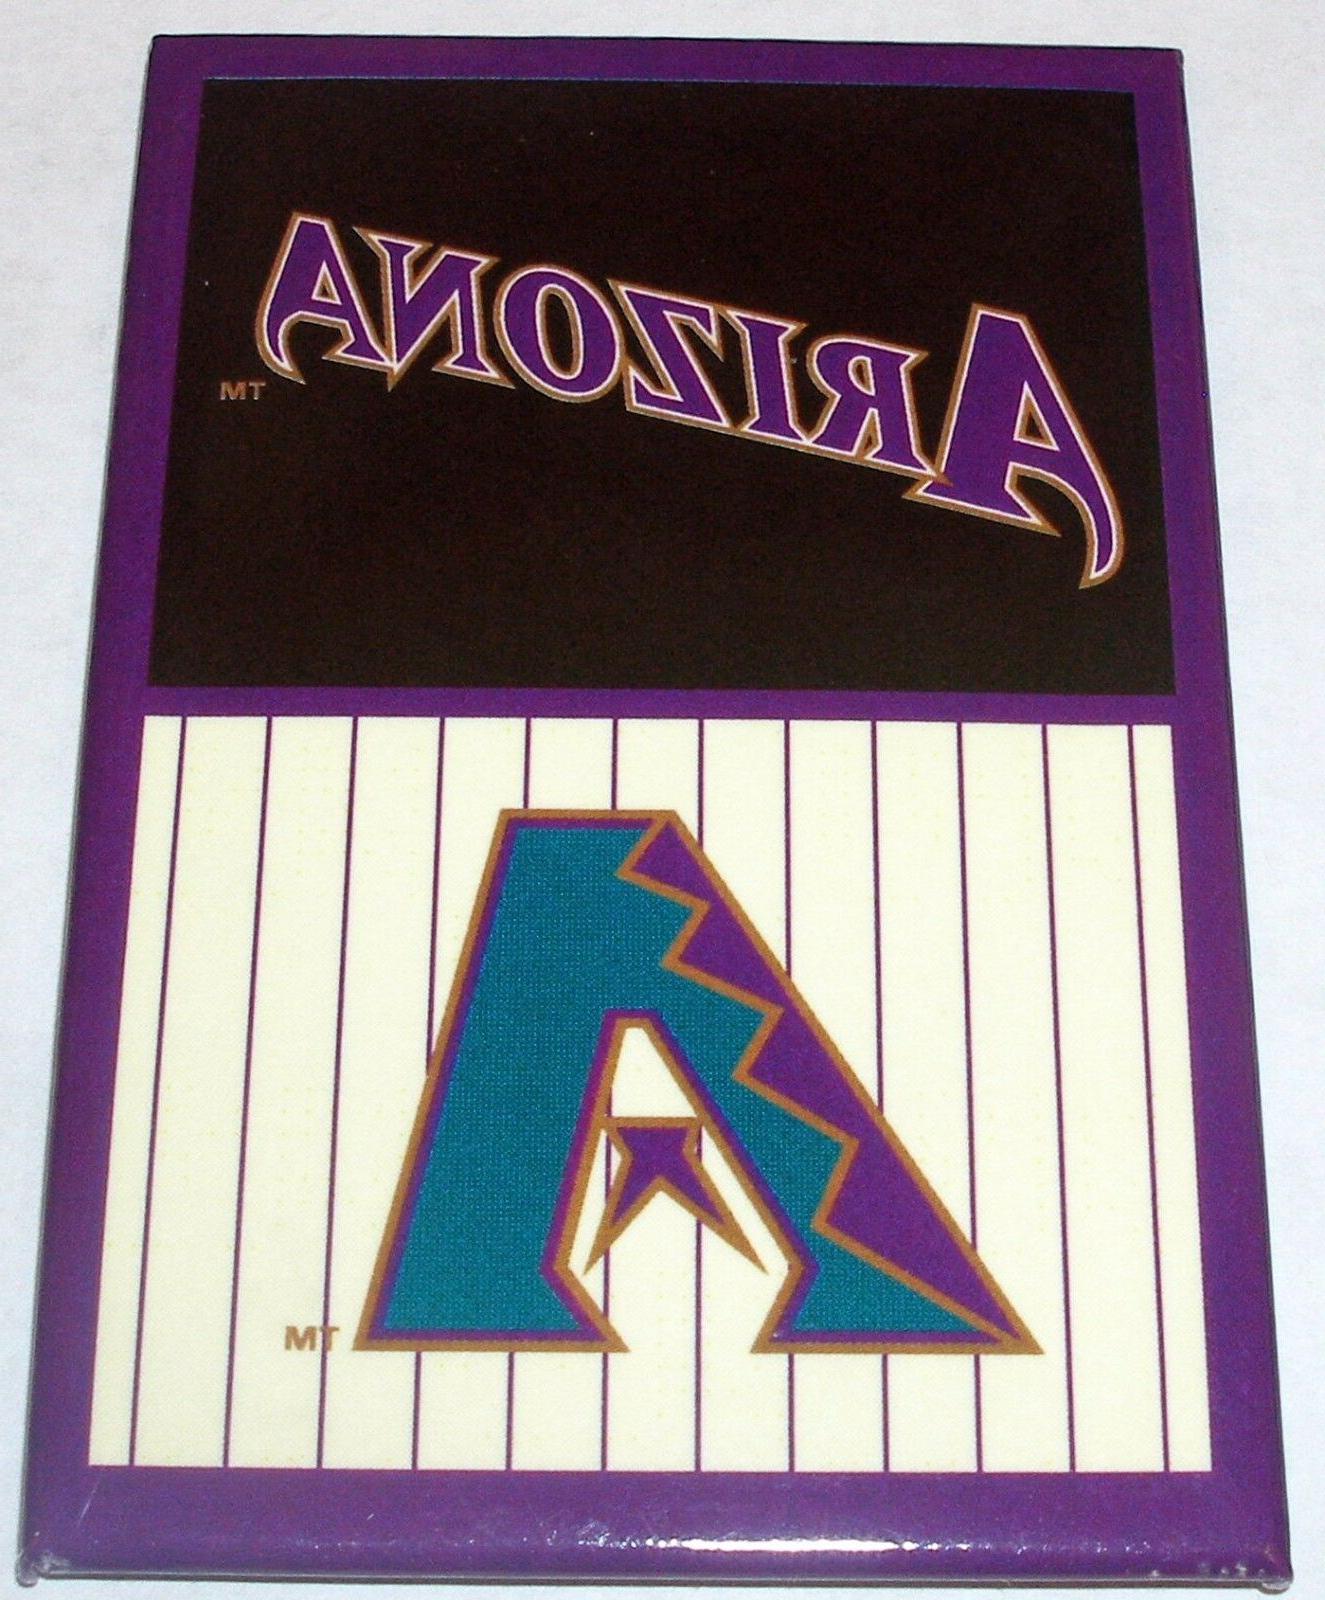 mlb baseball arizona diamondbacks logo fridge magnet